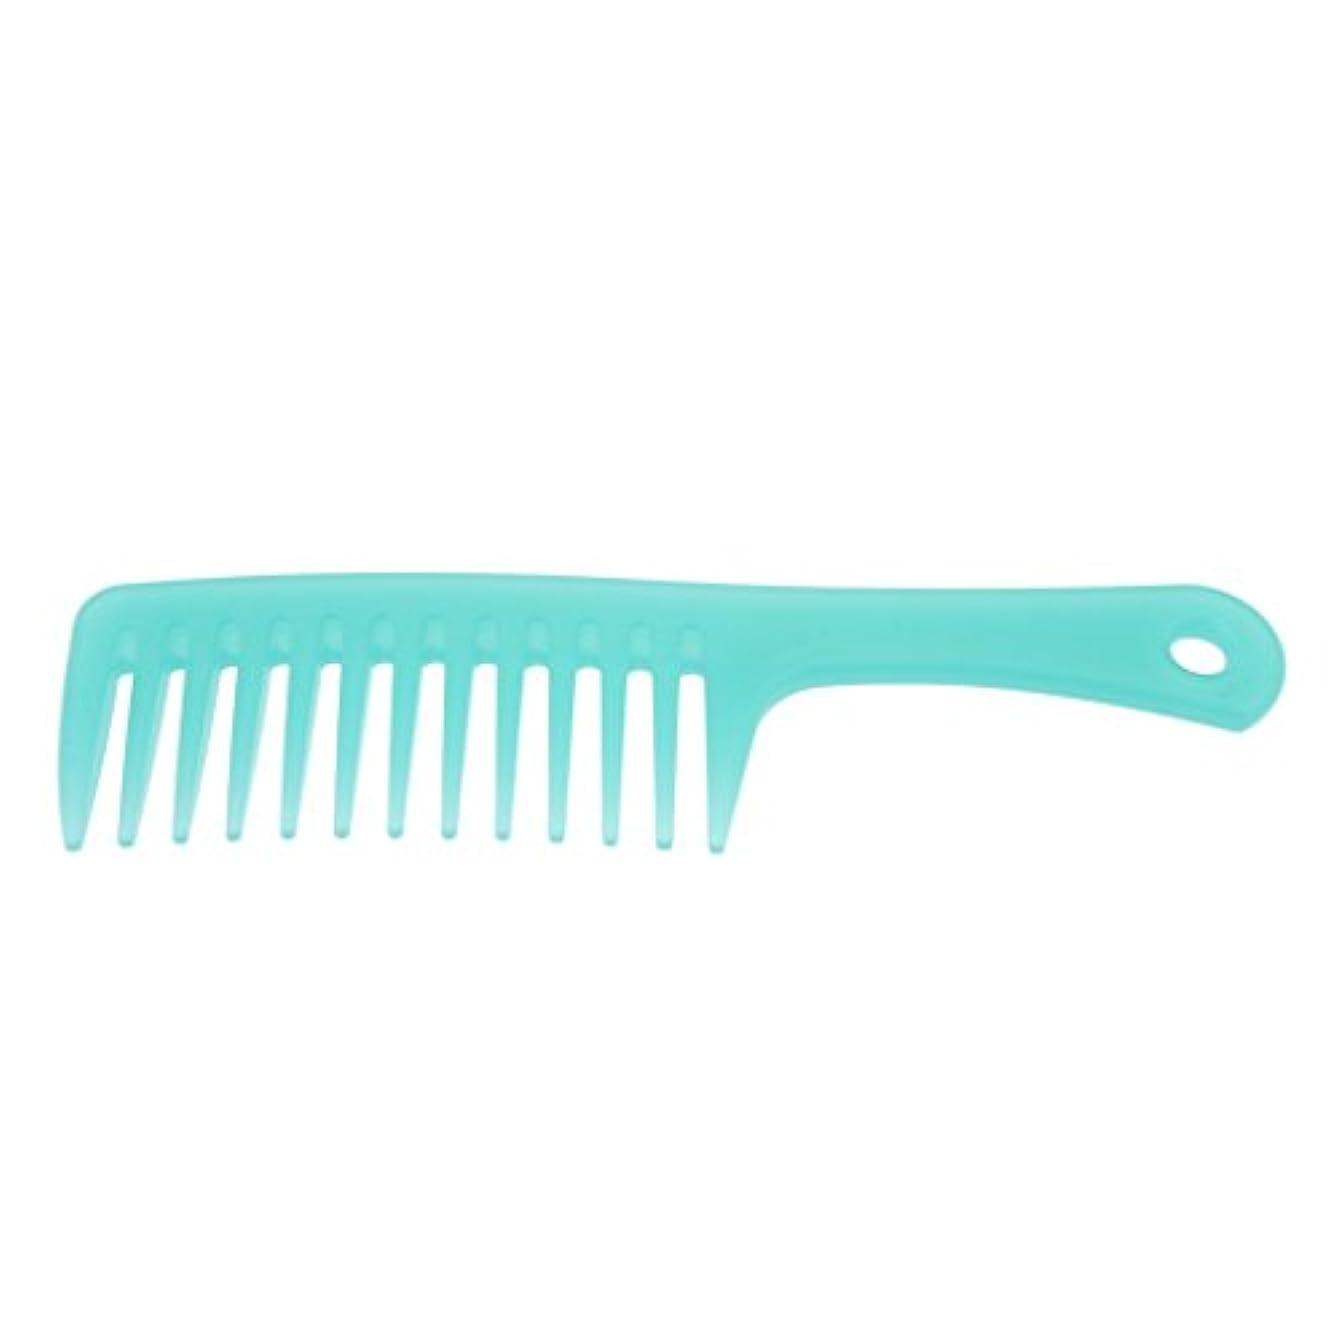 フォアマン詩取り出すヘアコーム ヘアブラシ くし ワイド歯 櫛 帯電防止 便利 3タイプ選べる - B